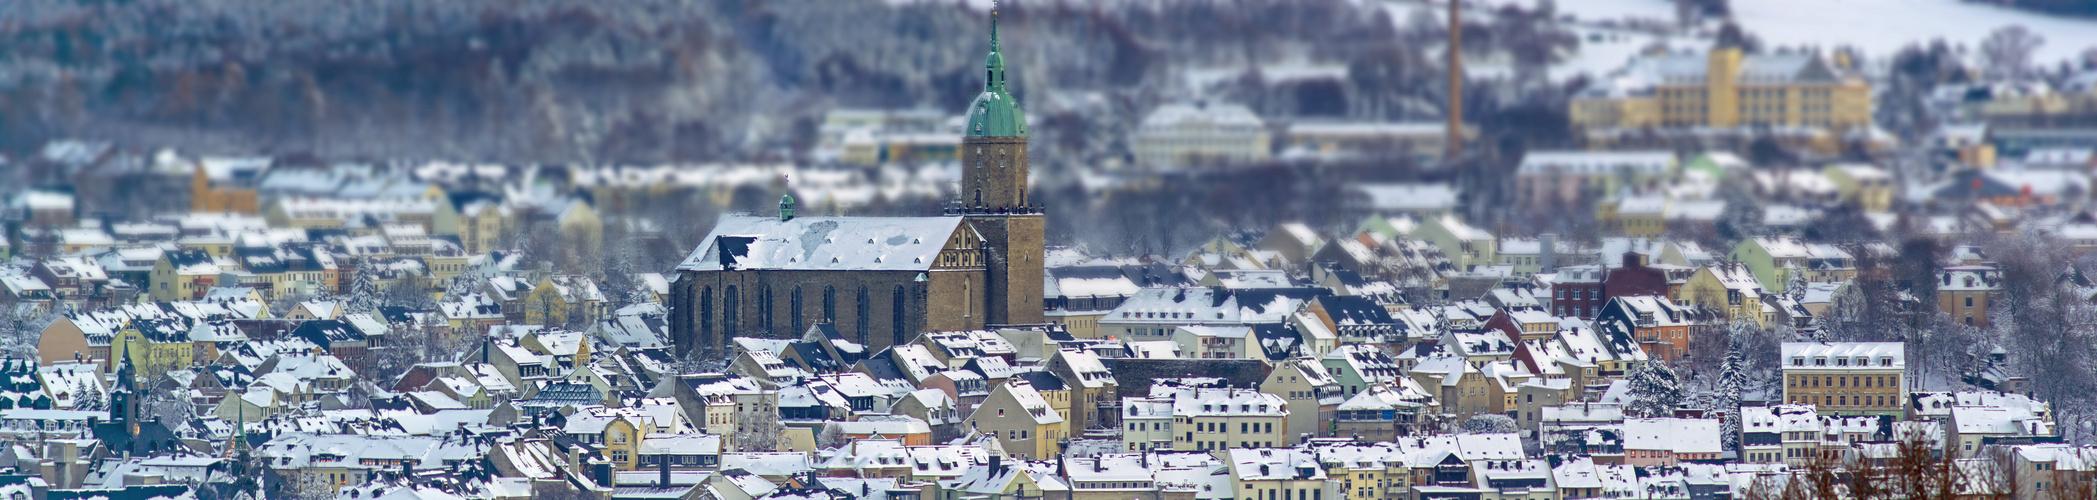 Annaberg mit Annenkirche im Schnee